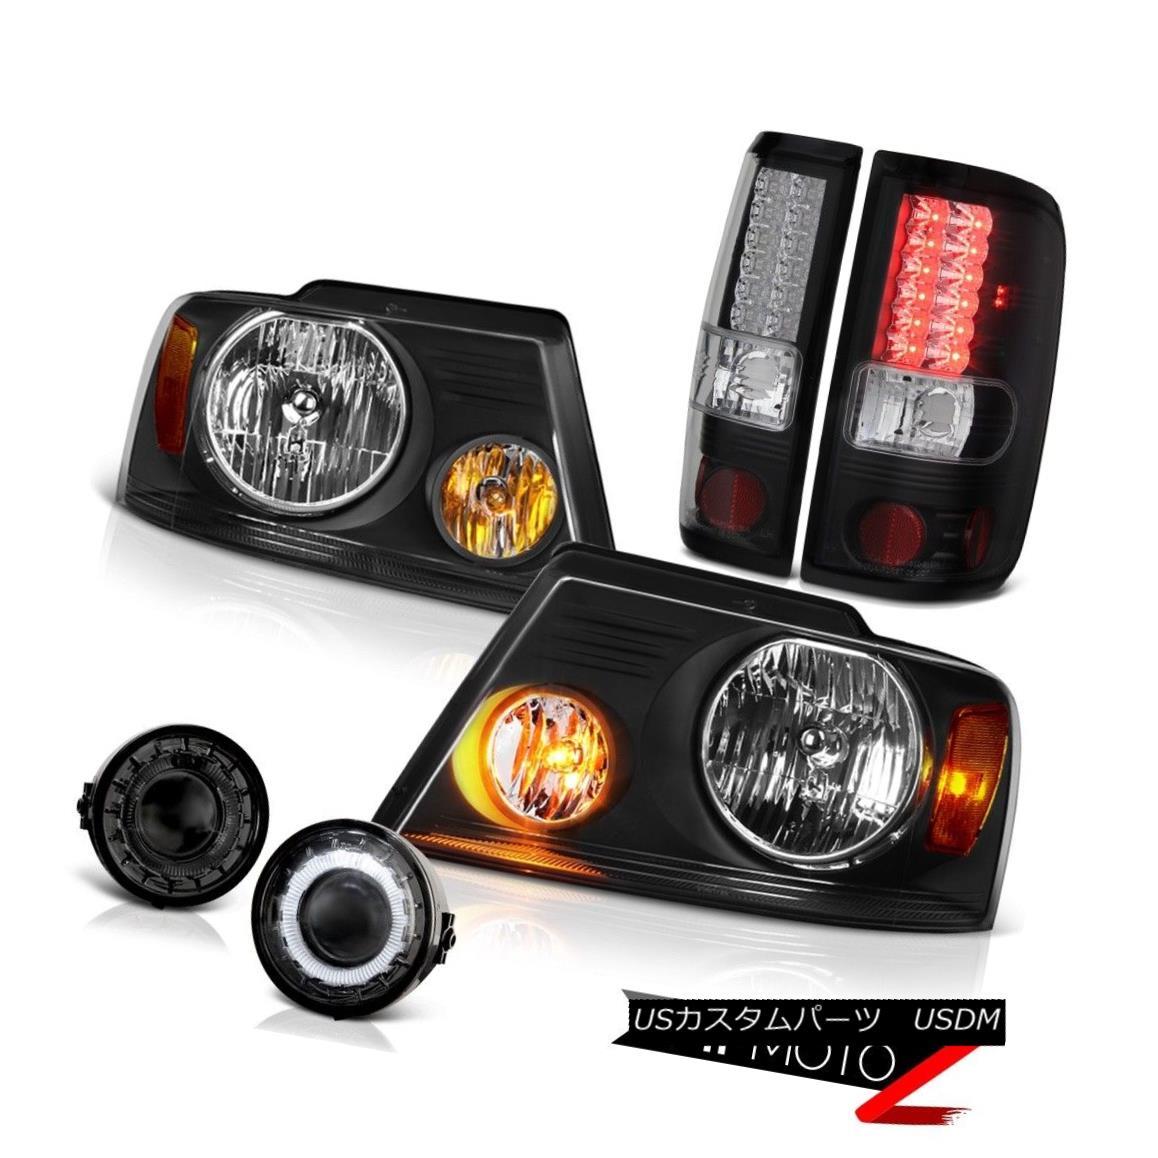 ヘッドライト F150 FORD 06-08 Black Headlights+LED Tail Light Brake Lamp+Glass Halo Fog Lamps F150フォード06-08ブラックヘッドライト+ LEDテールライトブレーキランプ+ガラスハローフォグランプ